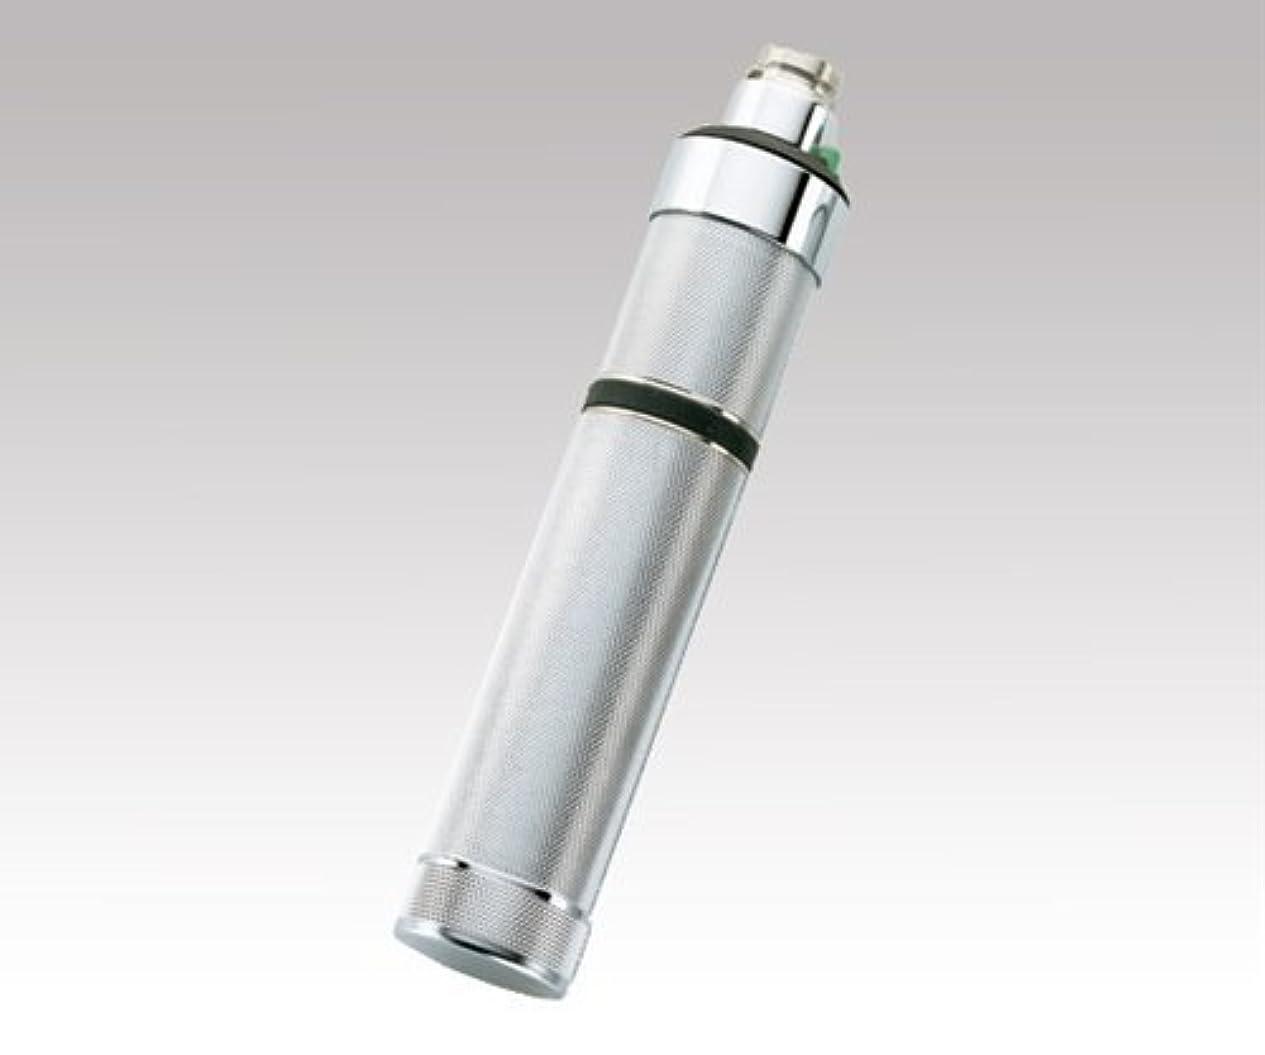 驚息切れしっとりウェルチアレン 3.5Vニッカド充電式ハンドル ダイレクトプラグイン